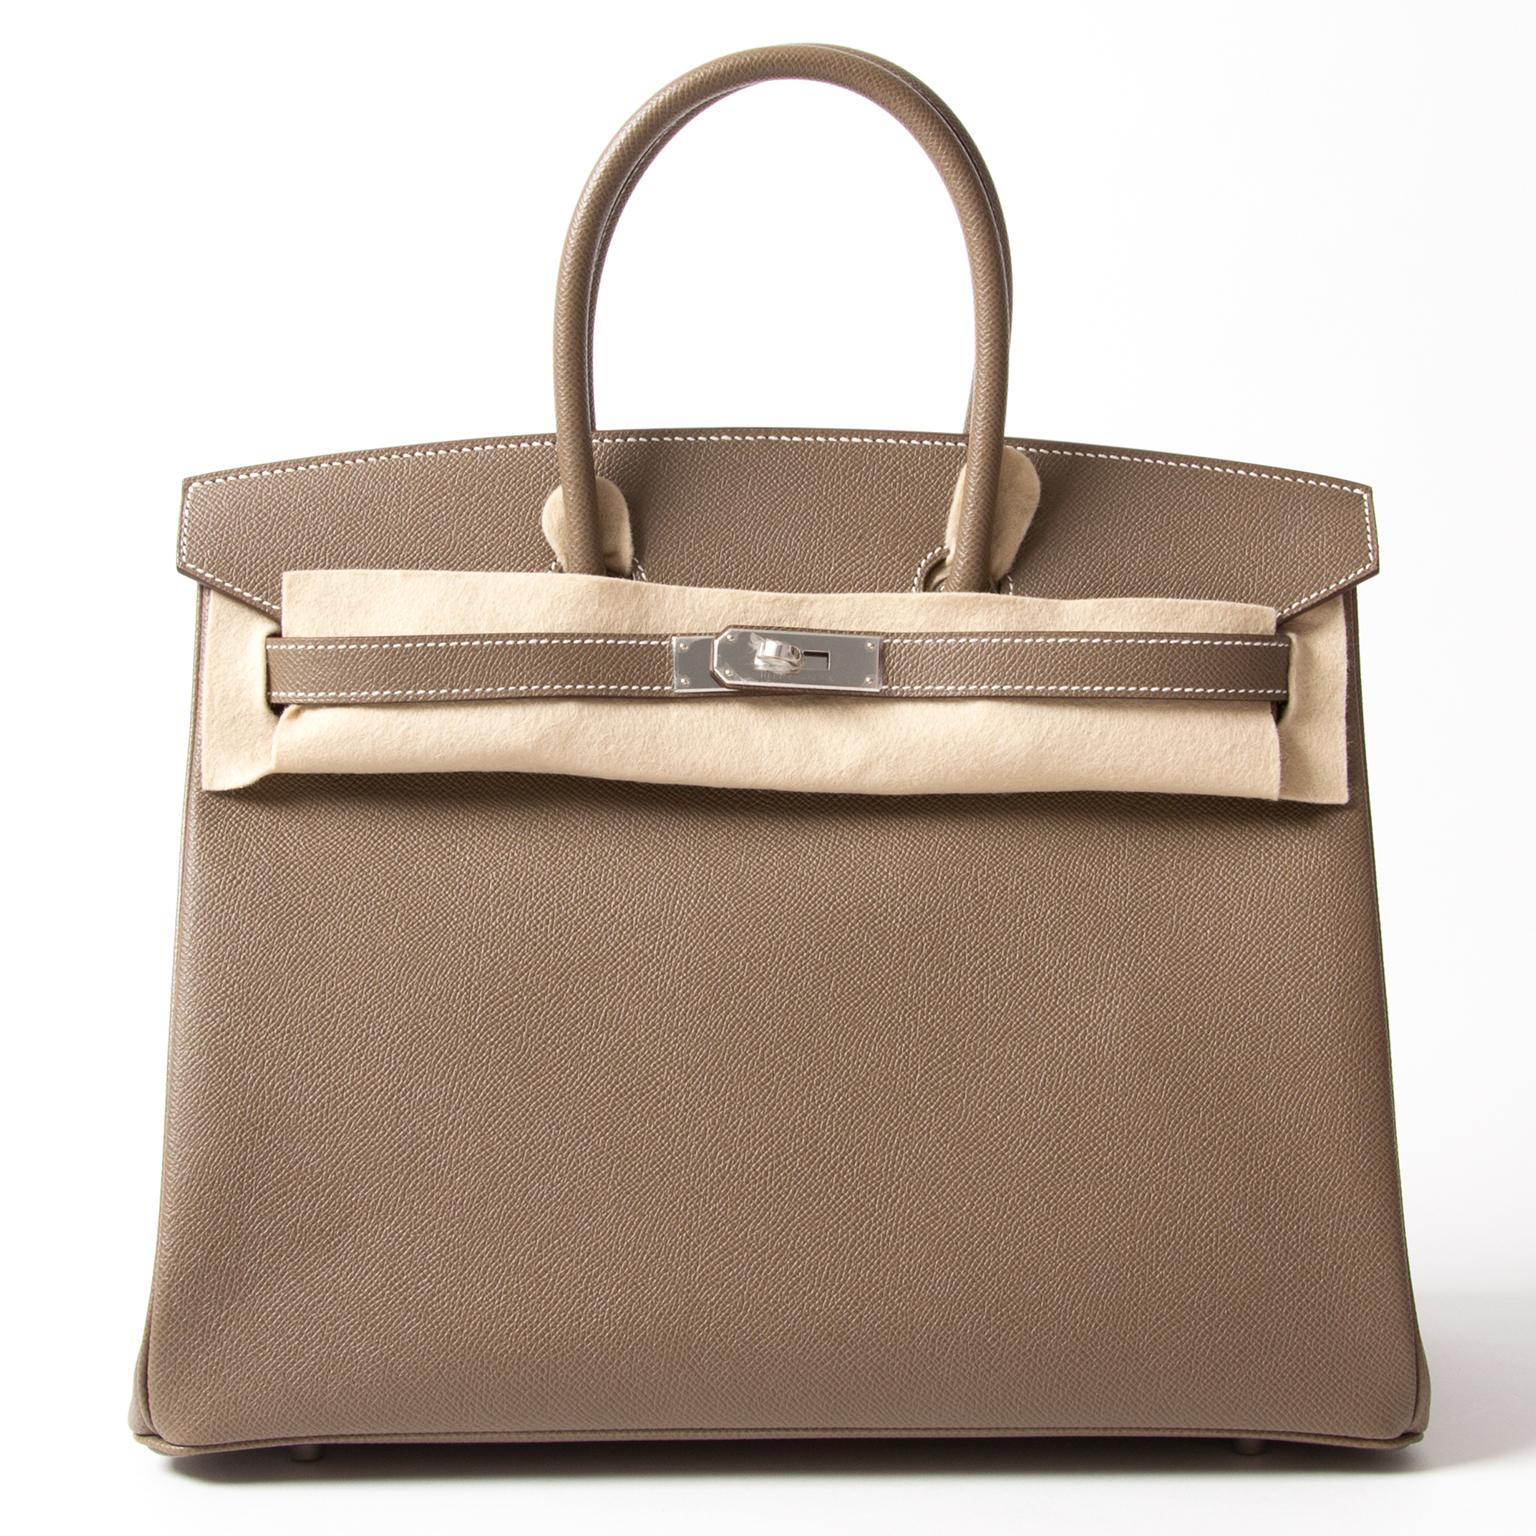 ... Koop veilig online tweedehands designer hermes birkin etoupe aan de  beste prijs 8047b502005f2